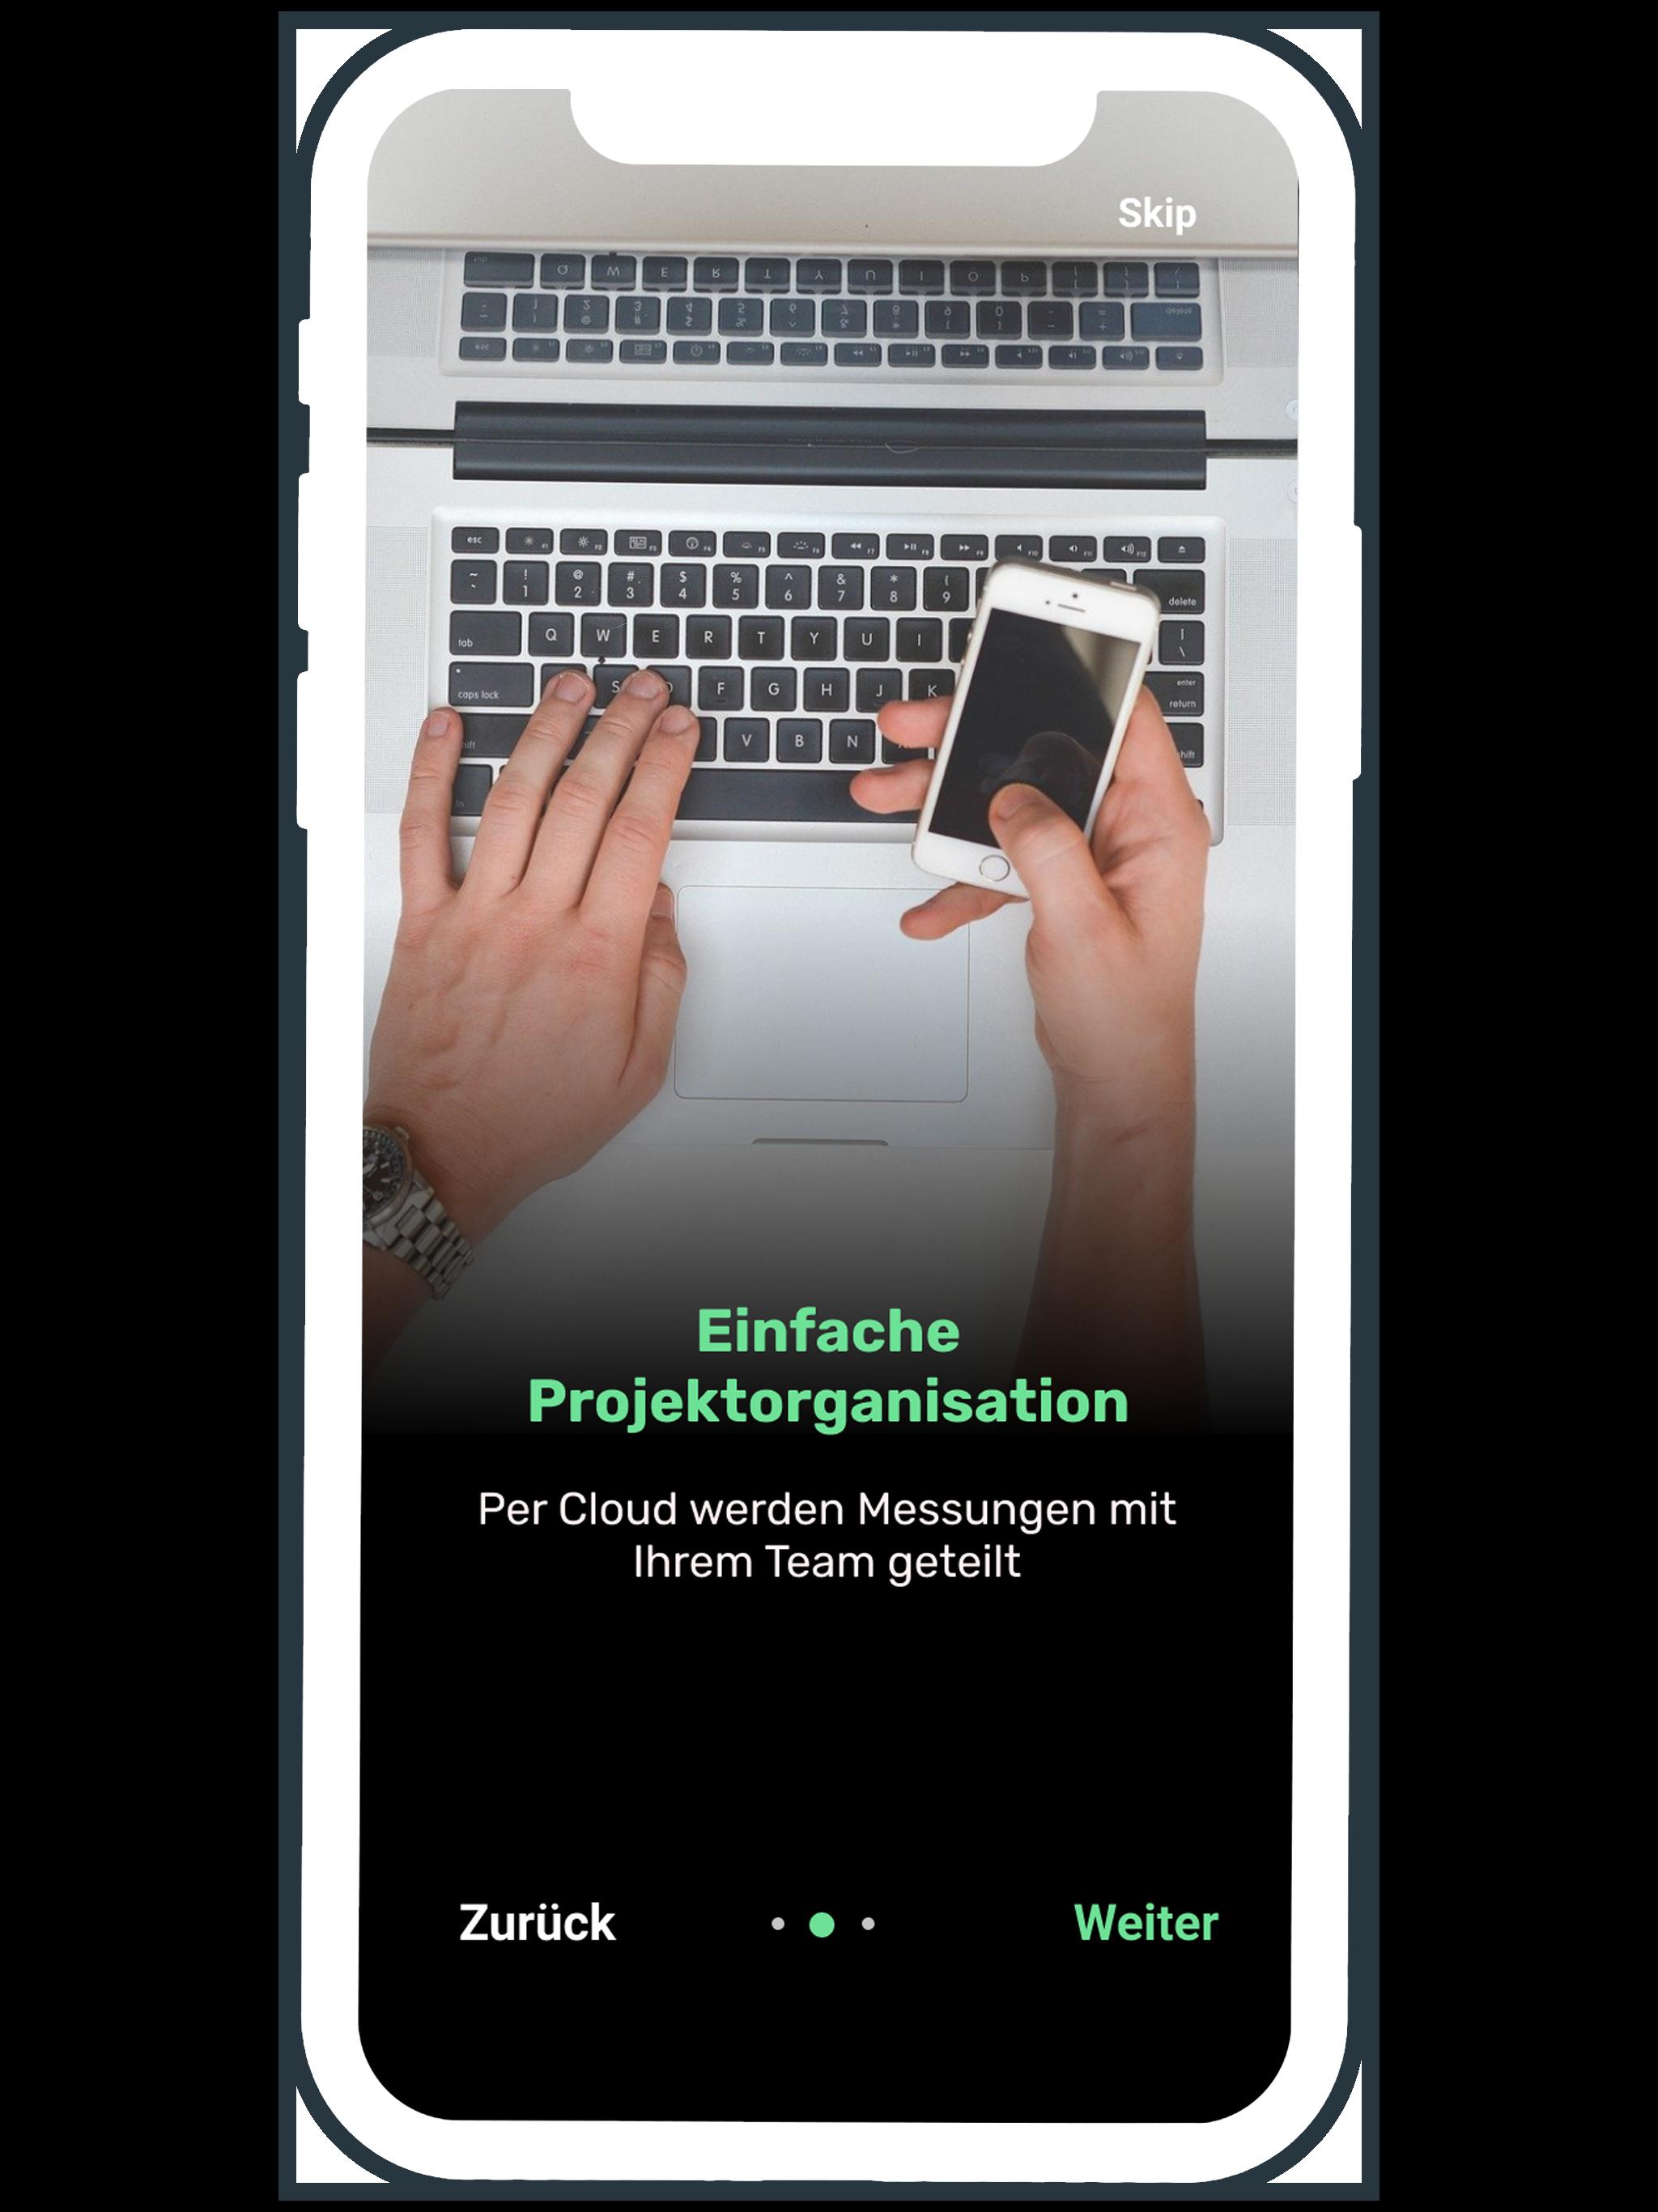 Einfache Projektorganisation mit der Aufmaß App smart to plan